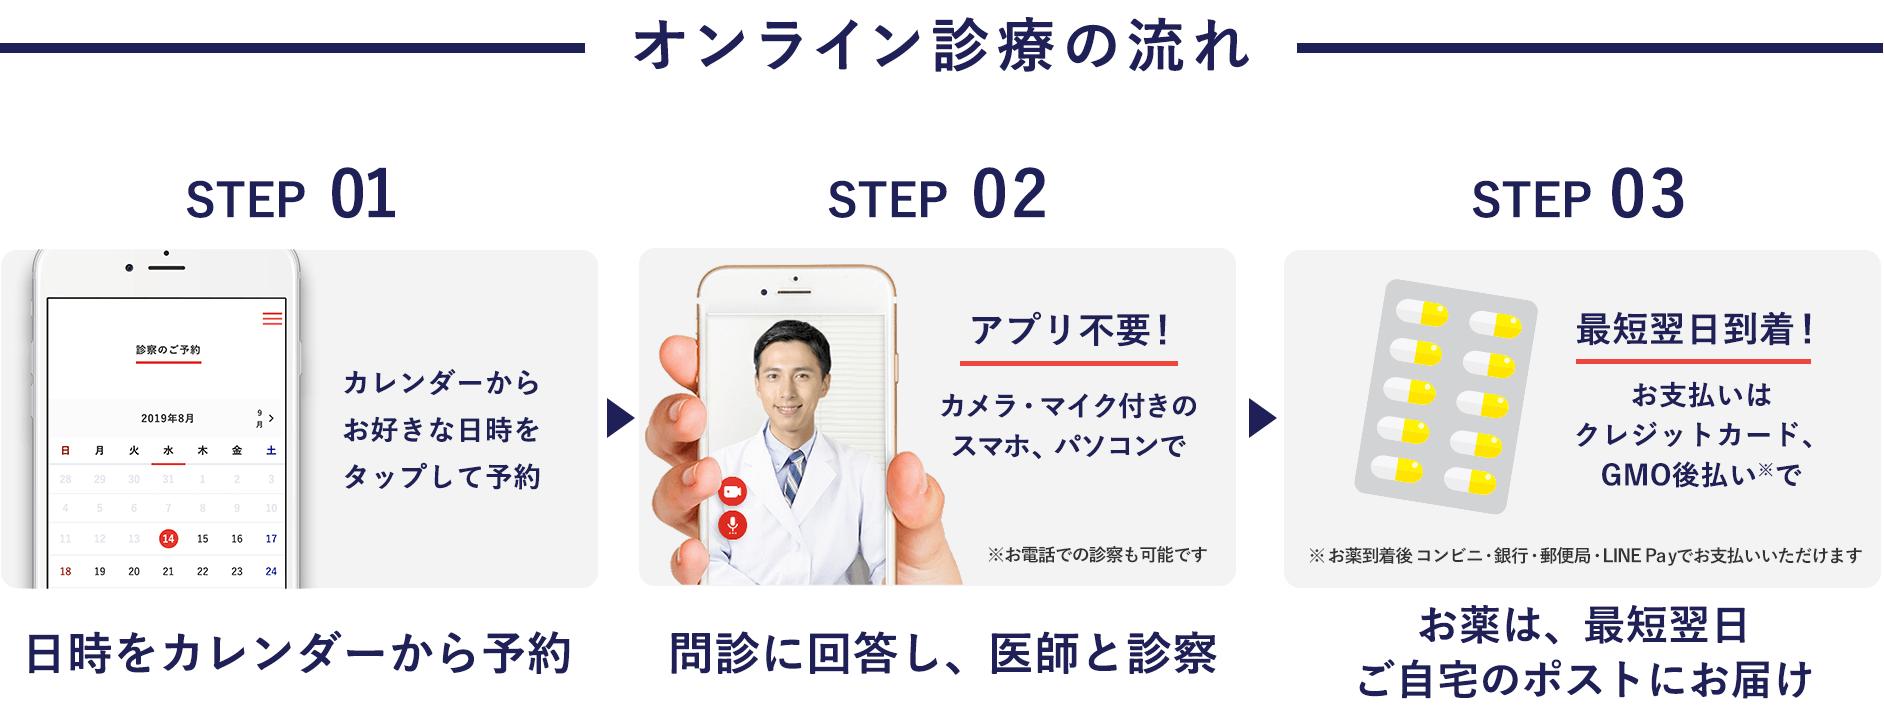 STEP01. 日時をカレンダーから予約 | STEP02. 問診に回答し、医師と診察 | STEP03. お薬は、最短翌日。ご自宅のポストにお届け